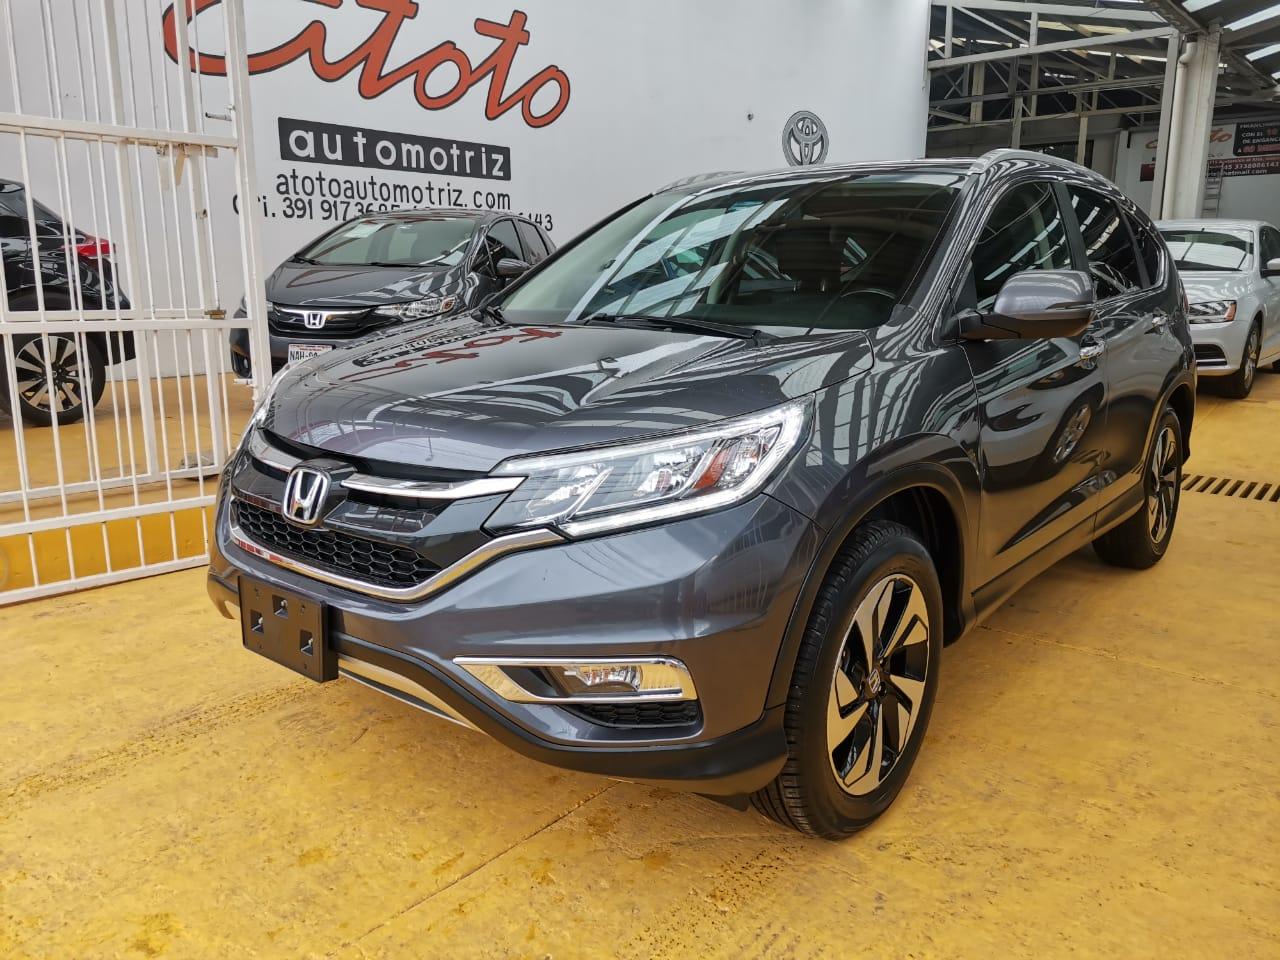 Honda crv 2017 exl